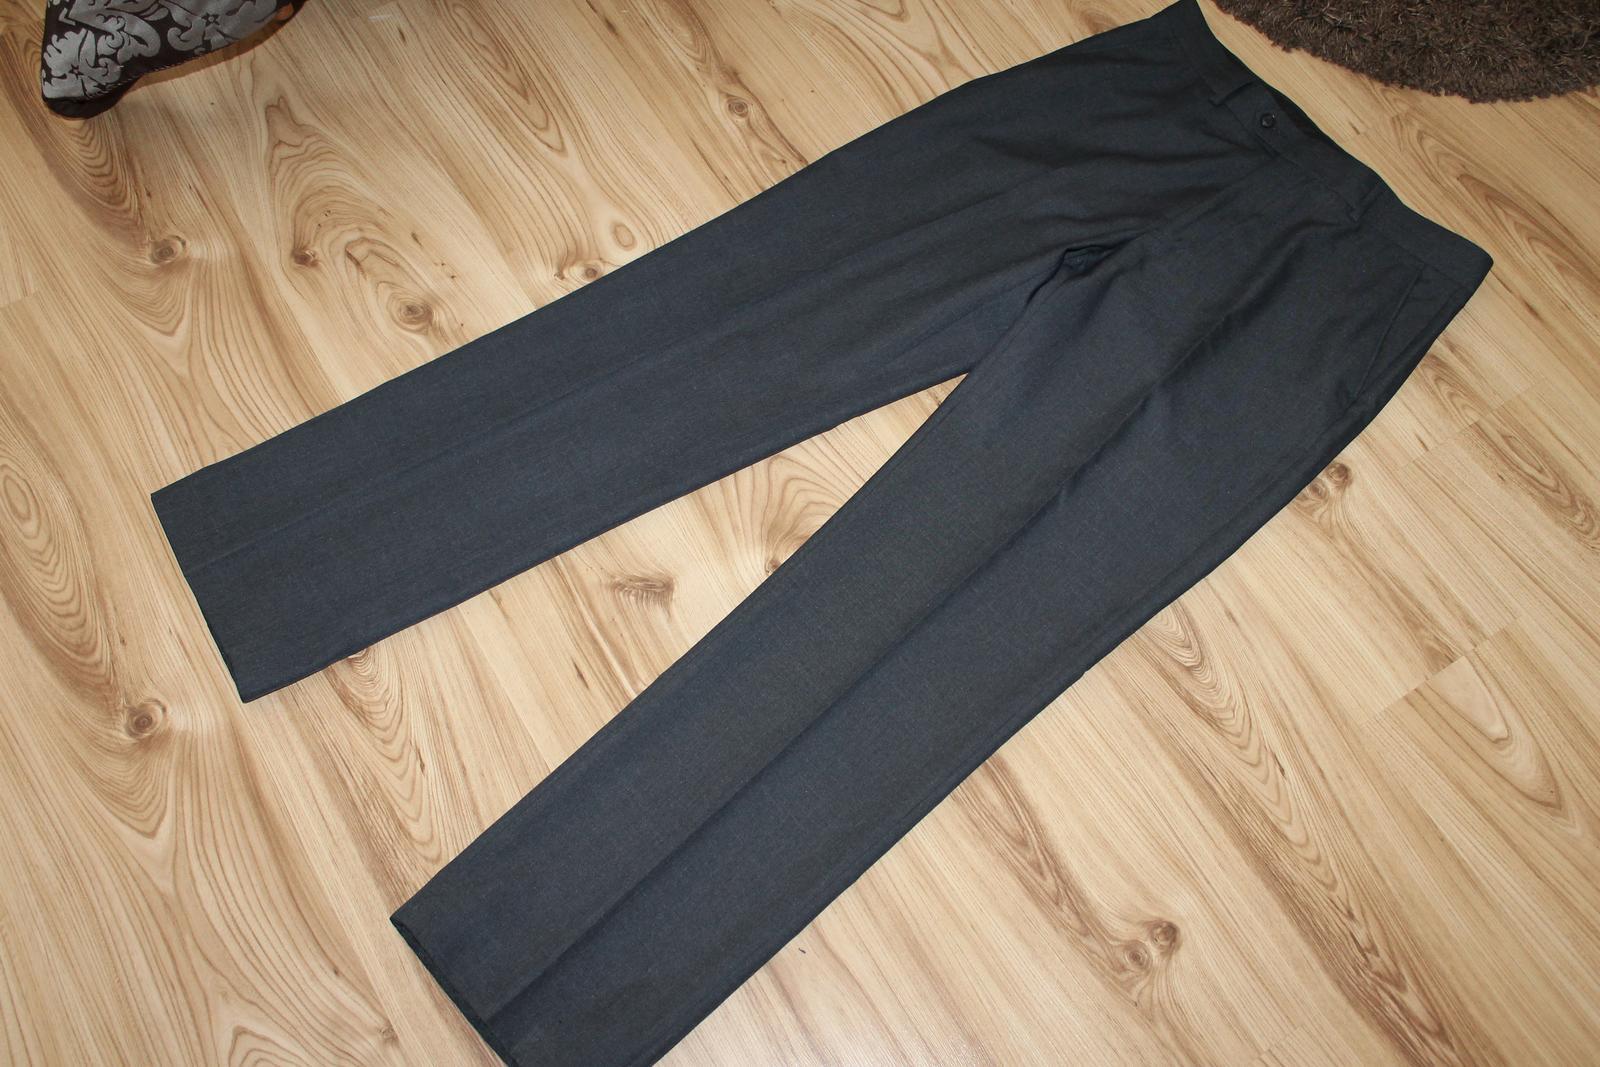 Oblekové nohavice zn. F&F - Obrázok č. 1